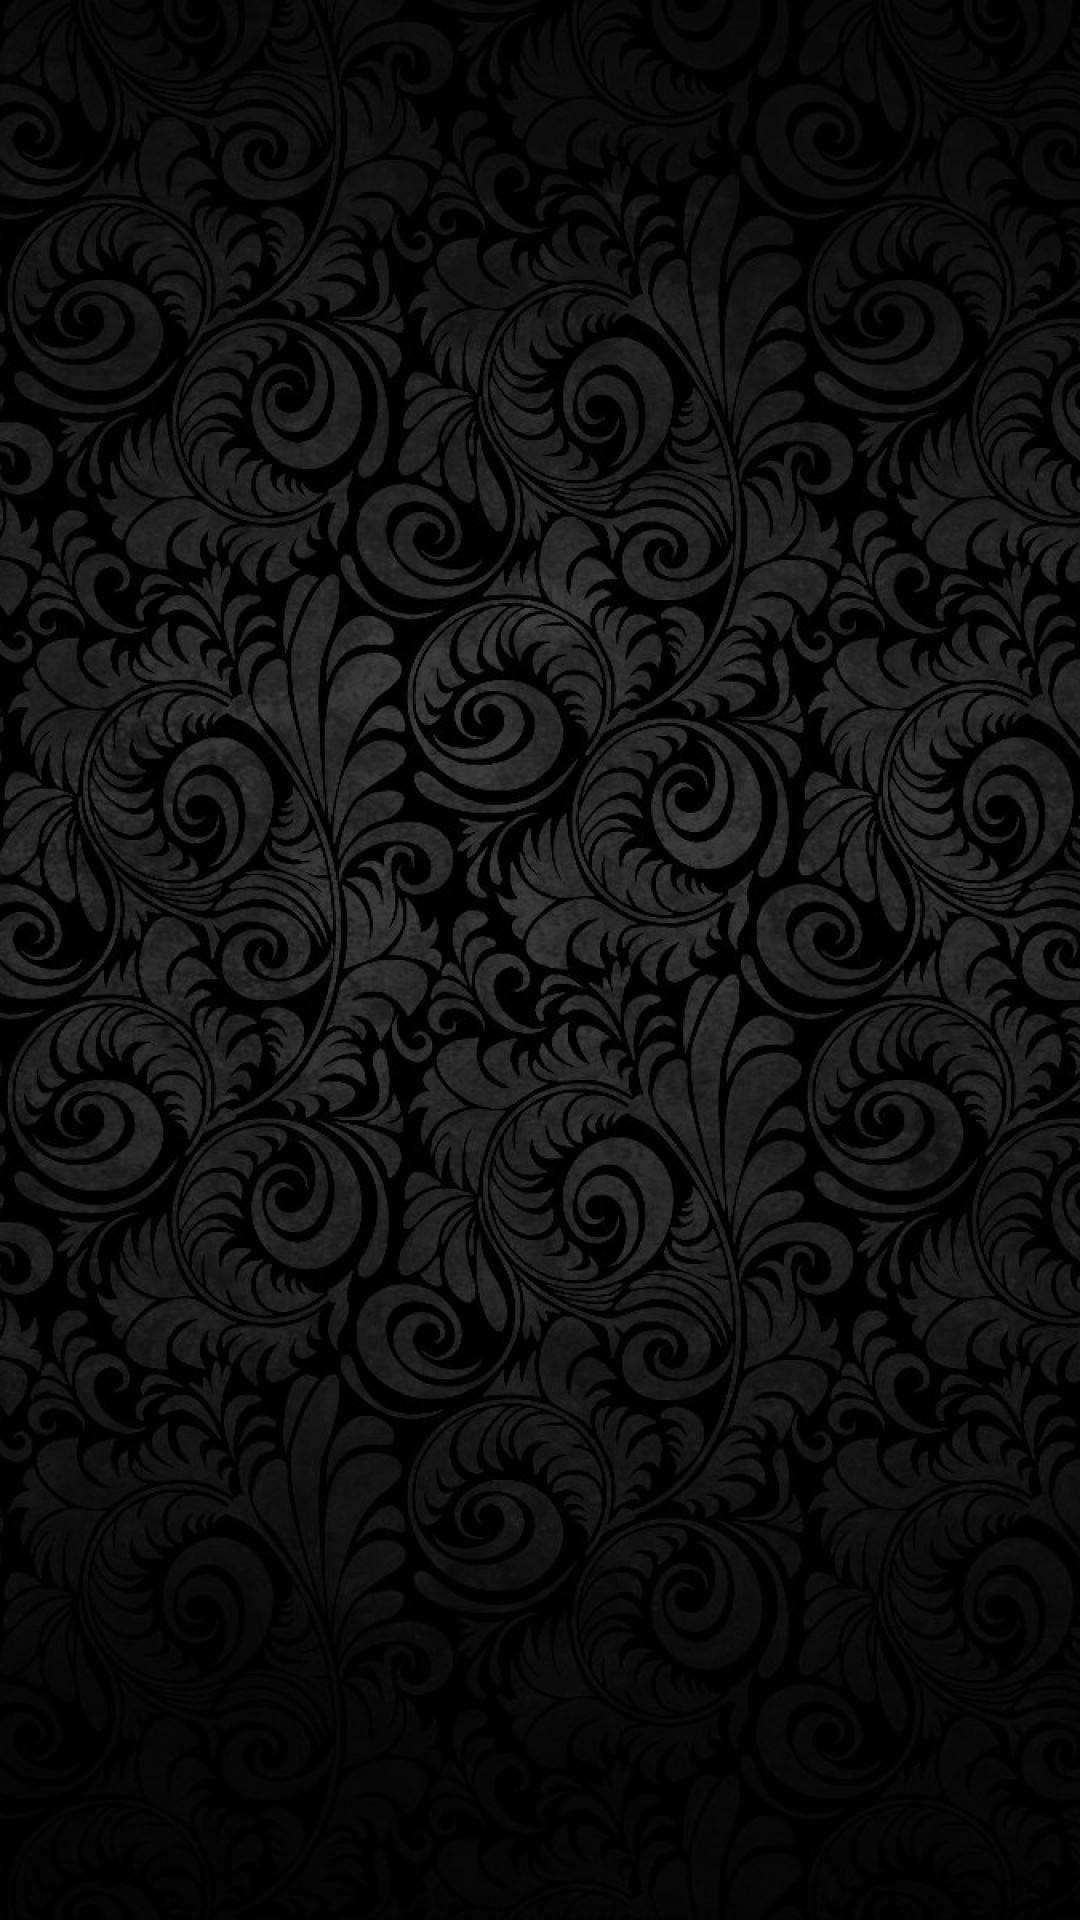 Supreme Girl Wallpaper Iphone Mandala Wallpaper Hd 69 Images